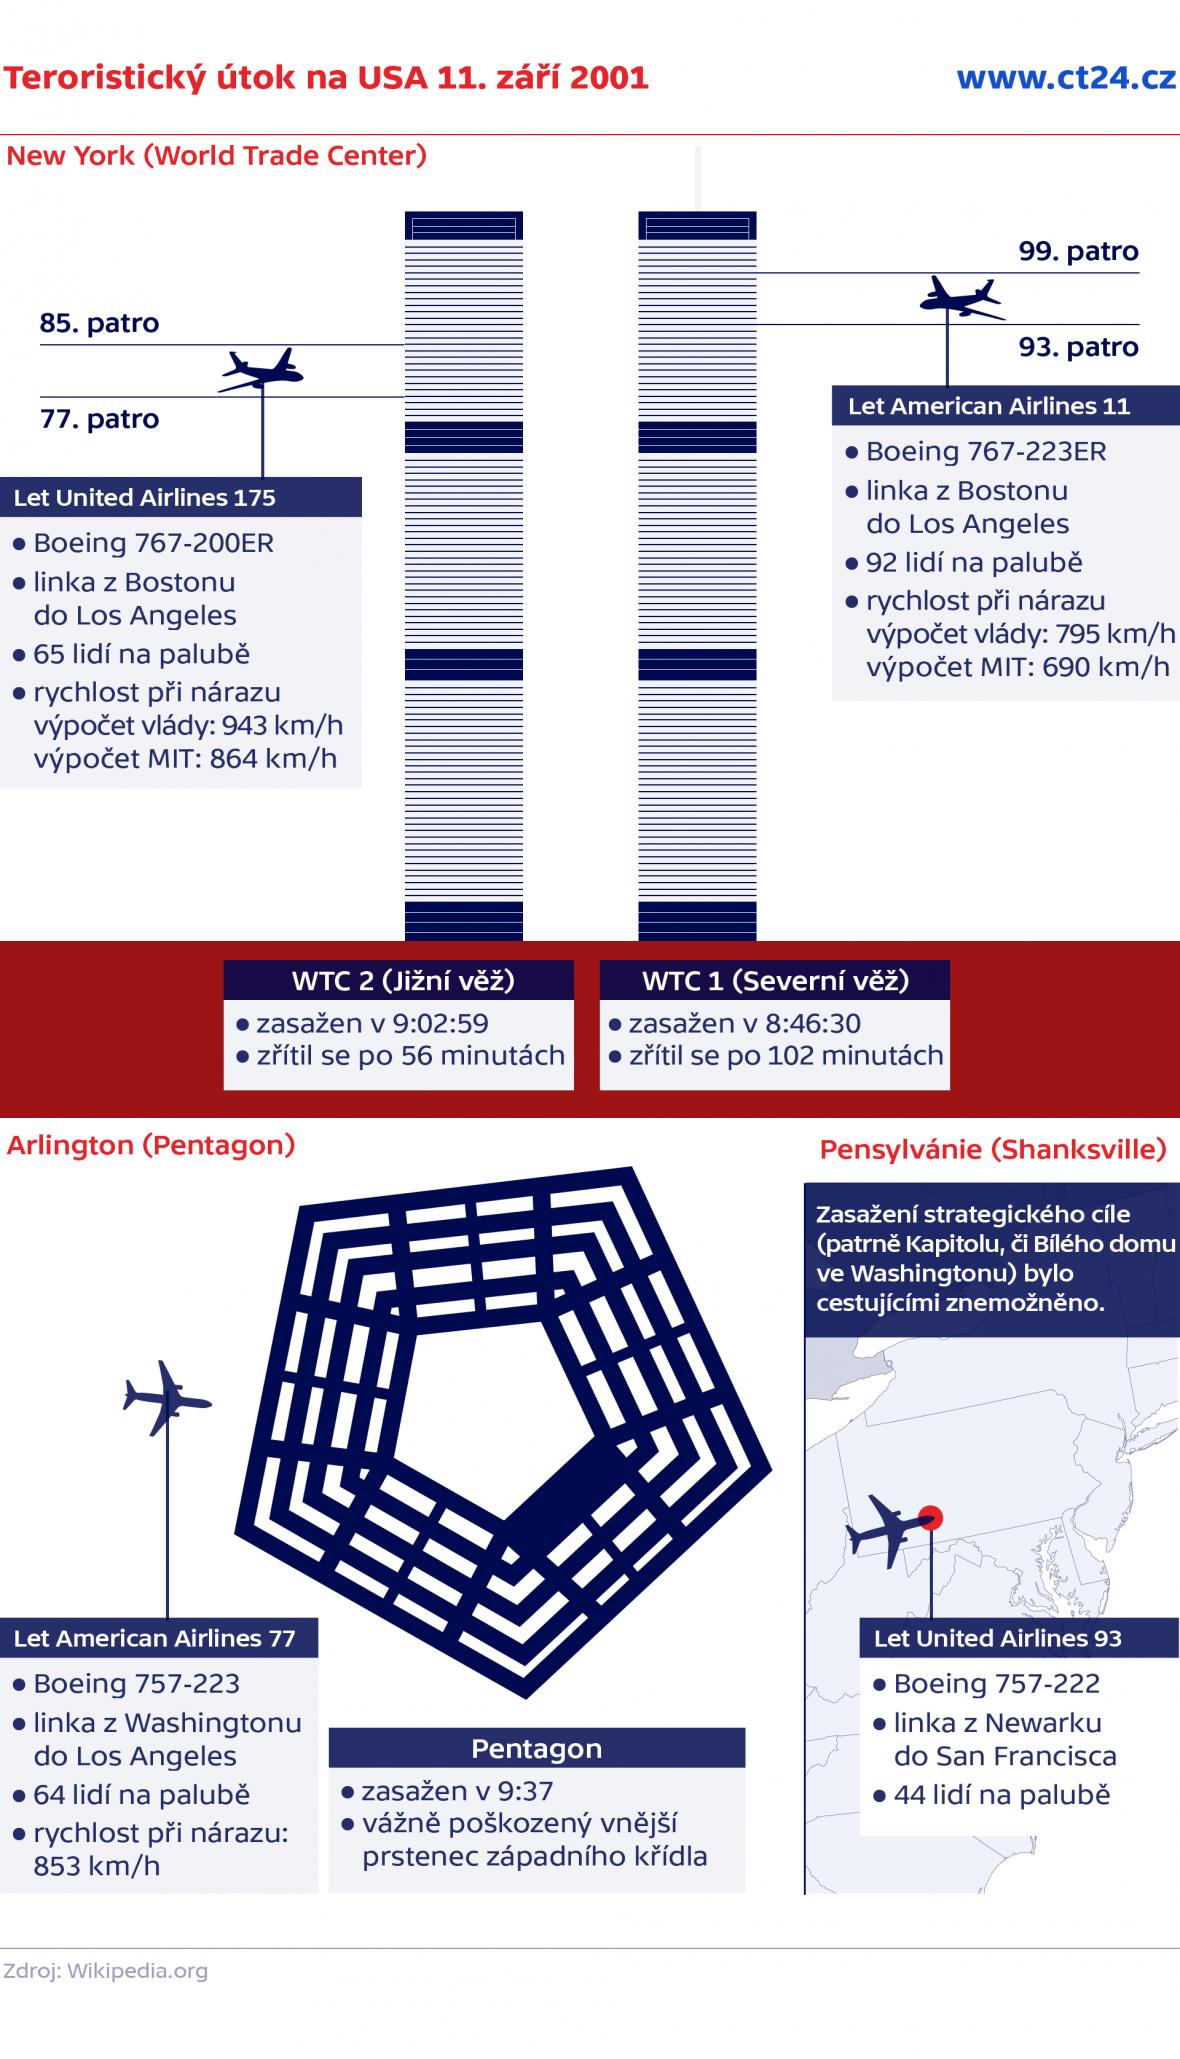 Teroristický útok na USA 11. září 2001